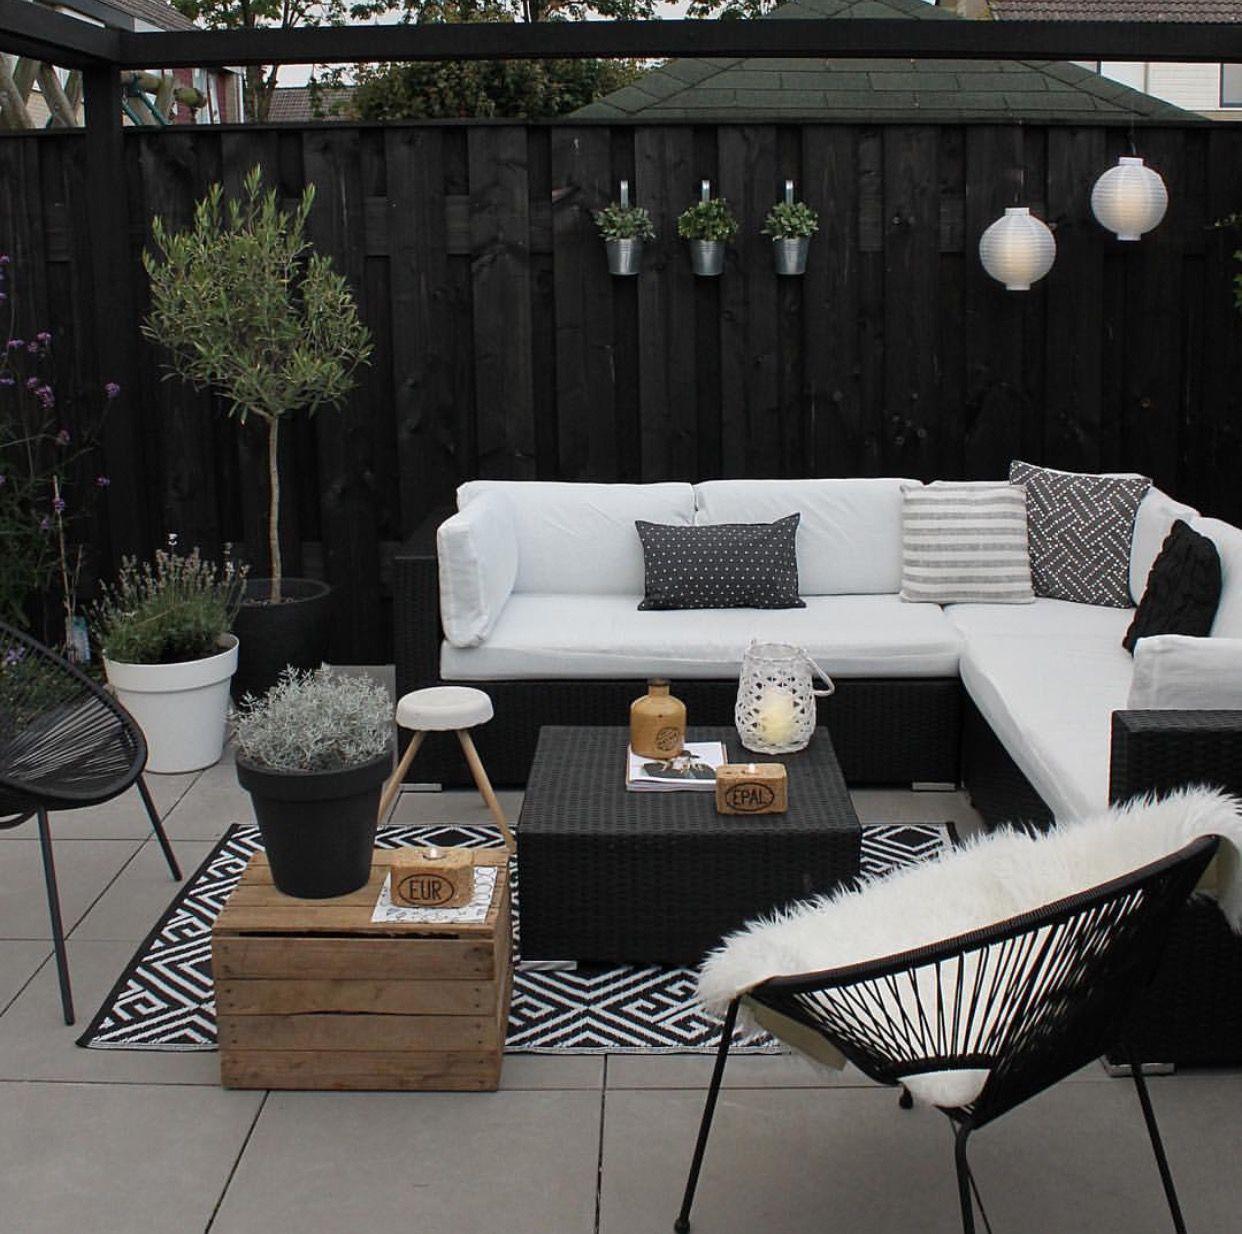 exterieur #outdoor | Pinterest : ThePhotown | Inspirations ...